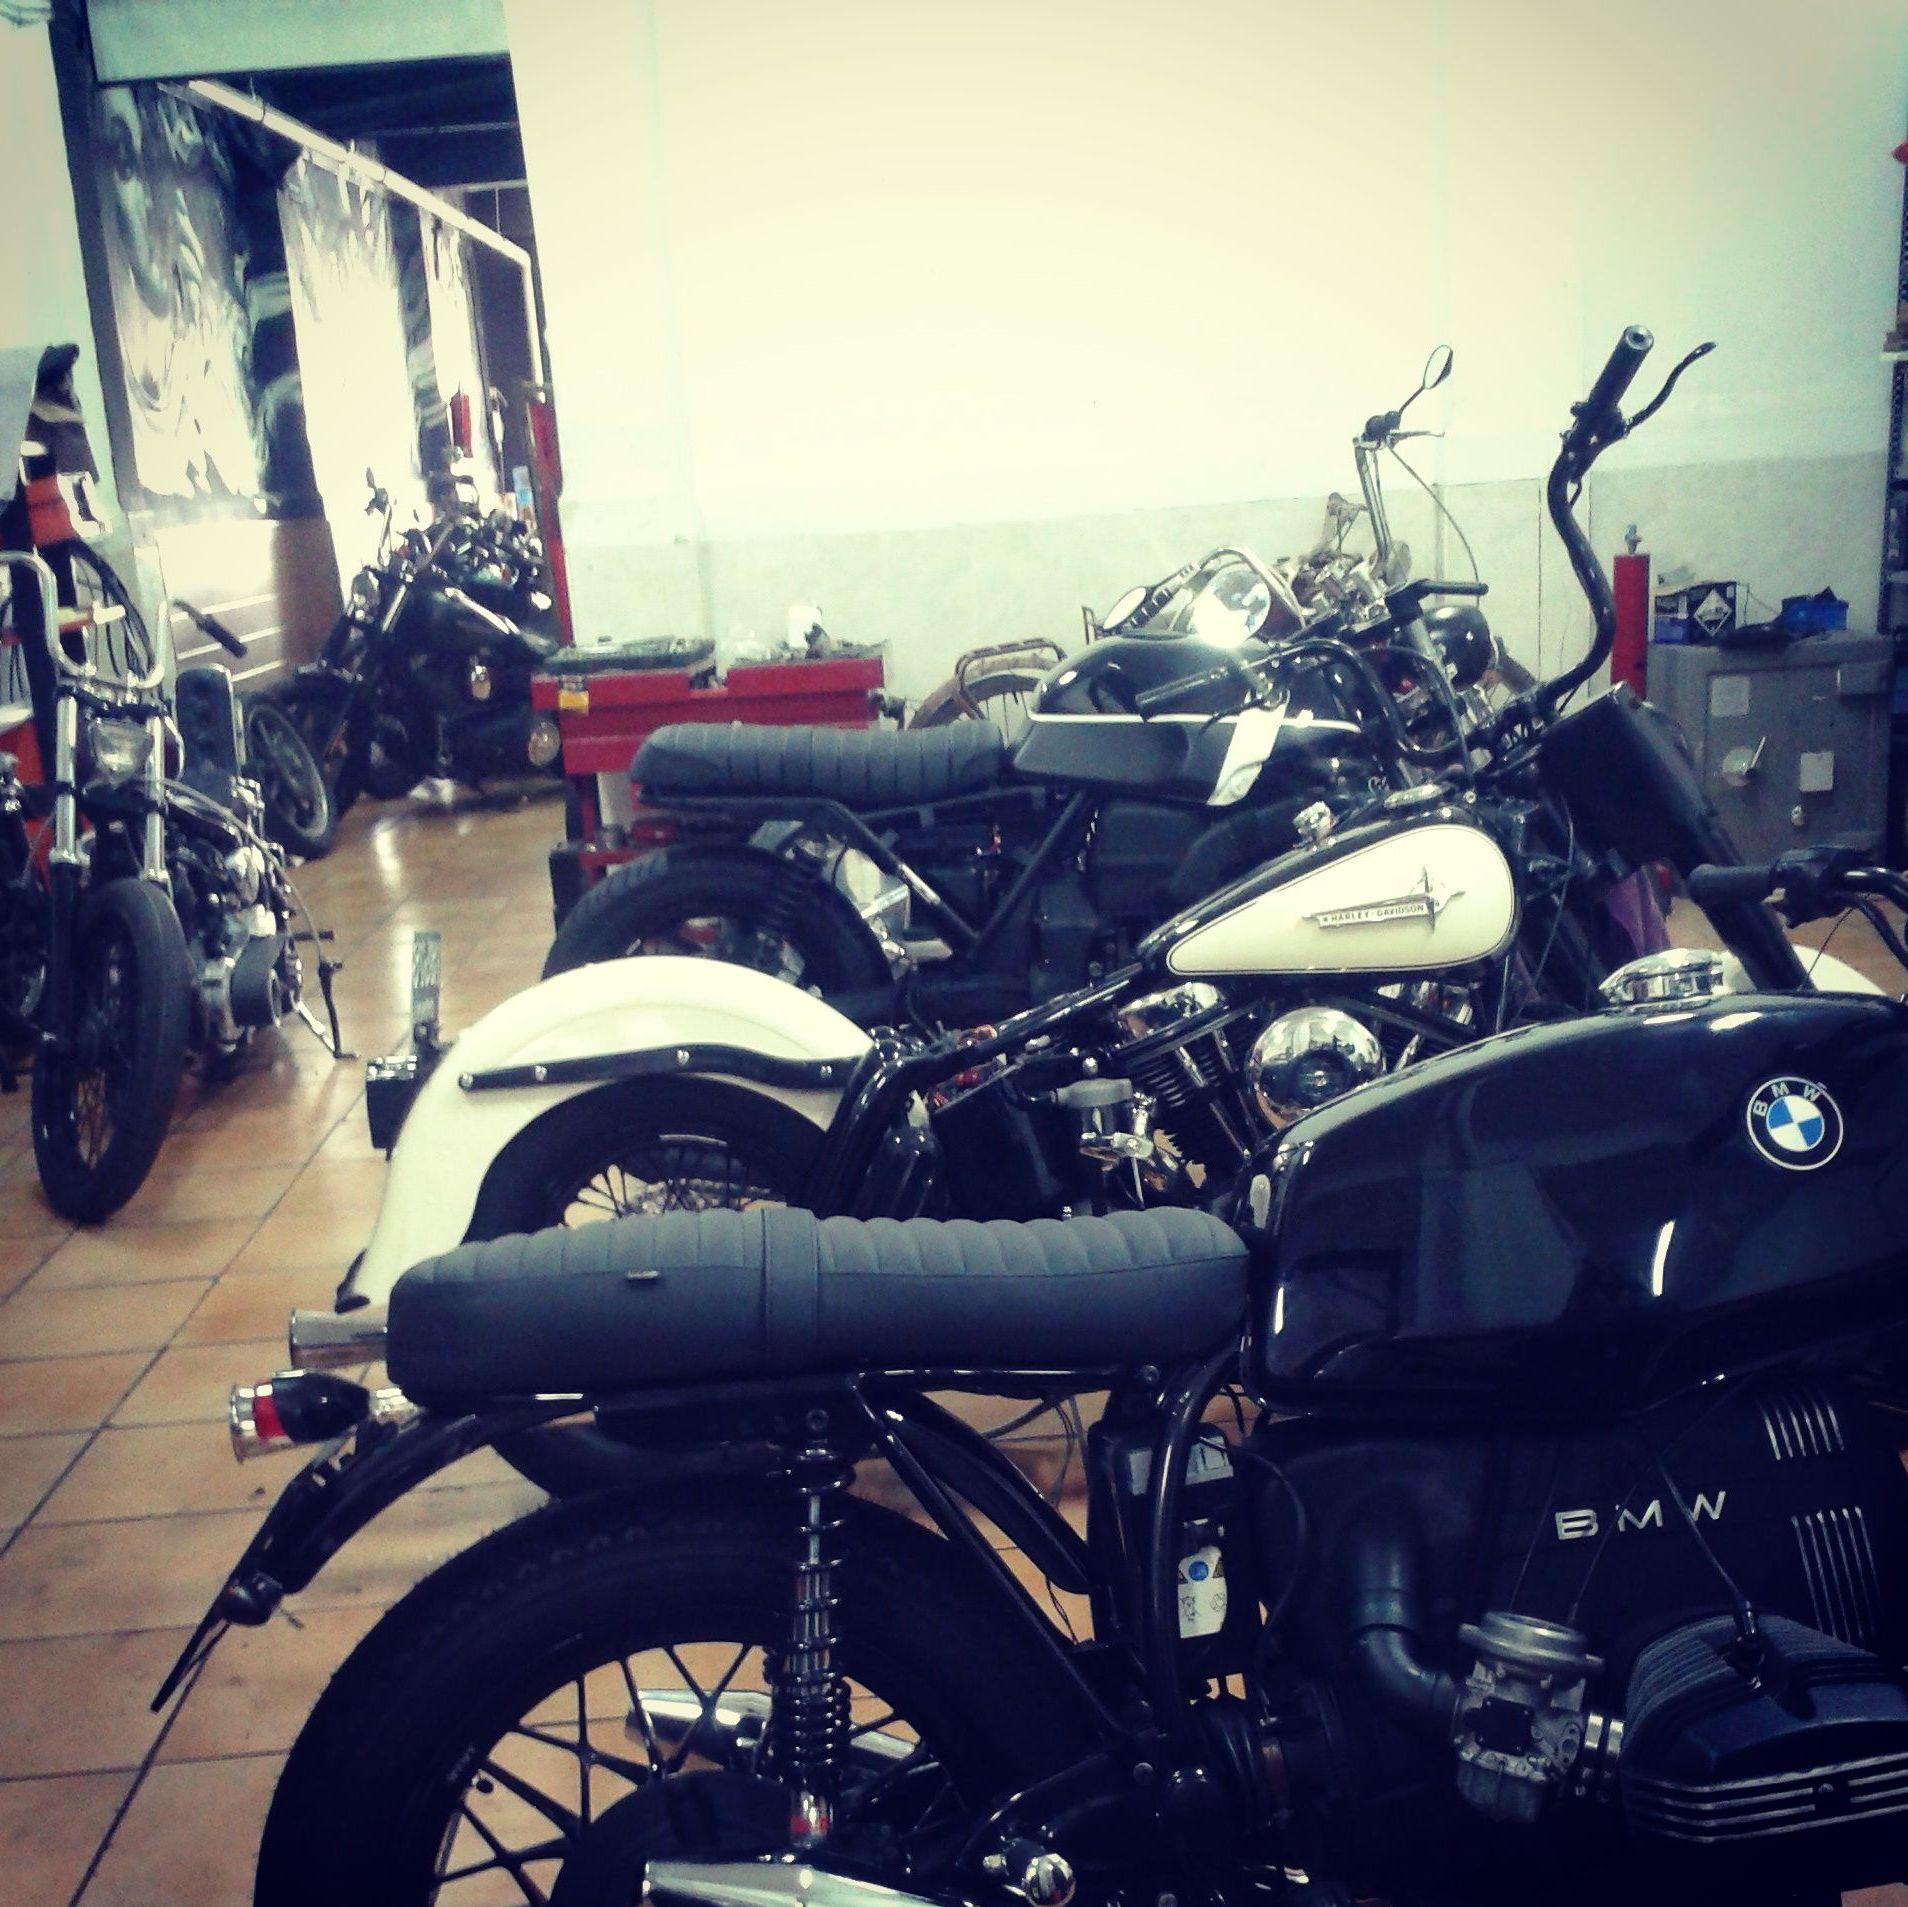 customizacion de motos, transformacion de motos en Valencia, personalizacion de motos custom, construcion de motos custom, harley davidson, motos clasicas